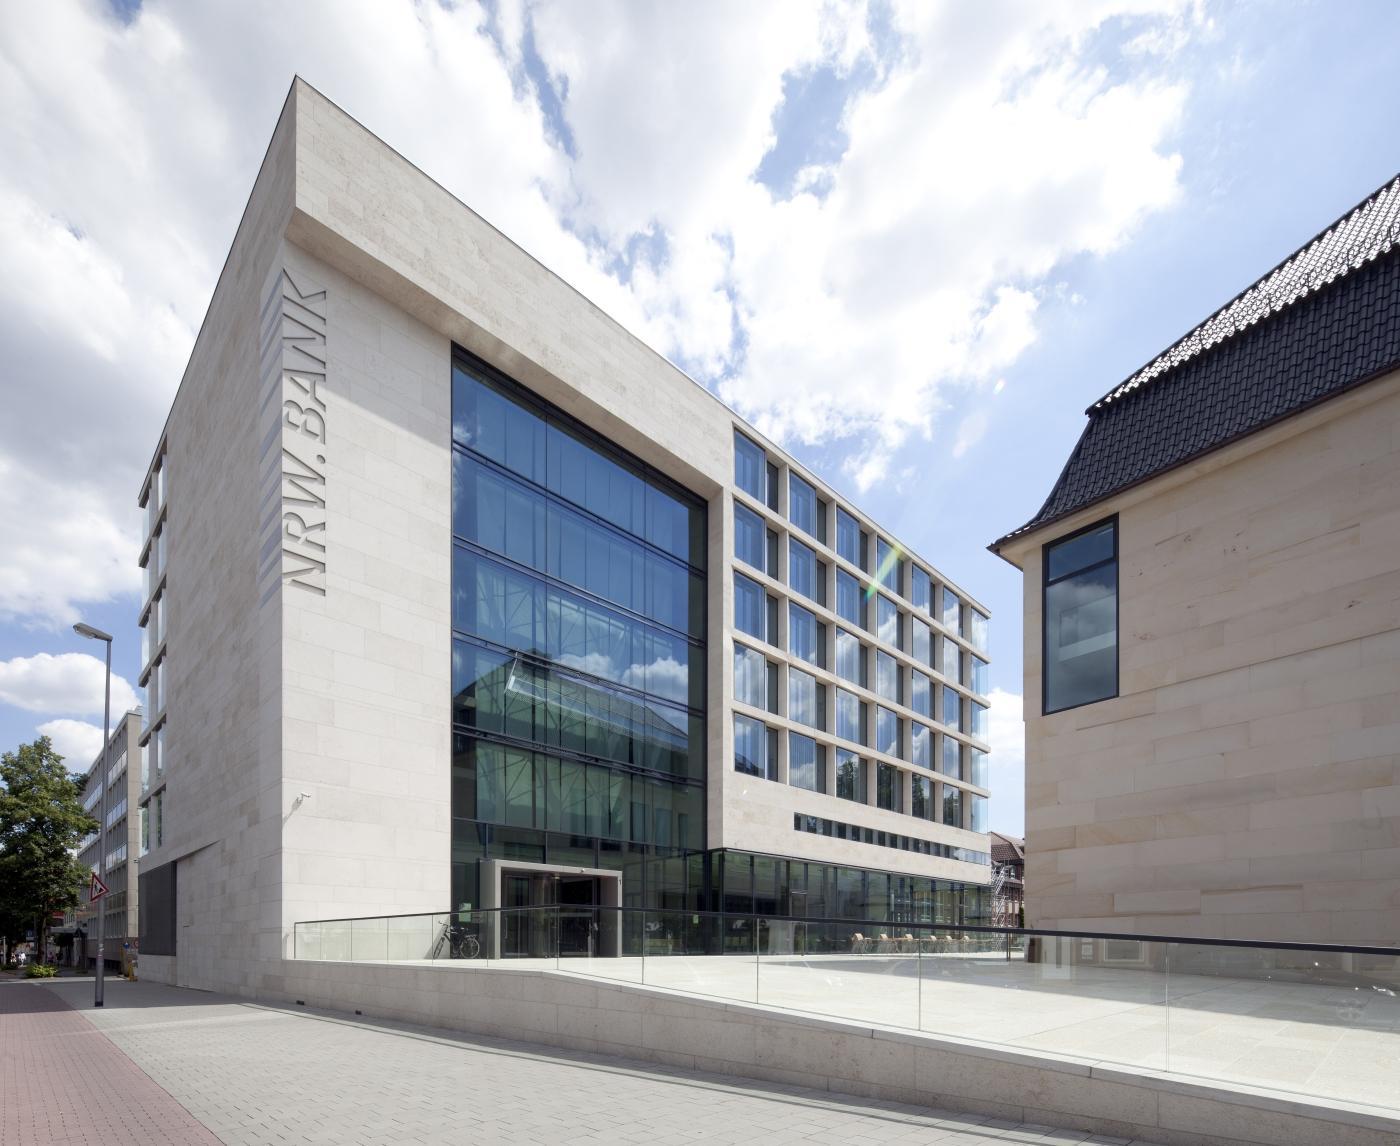 Nrw Bank Münster : nrw bank m nster m nster architektur baukunst nrw ~ Yuntae.com Dekorationen Ideen